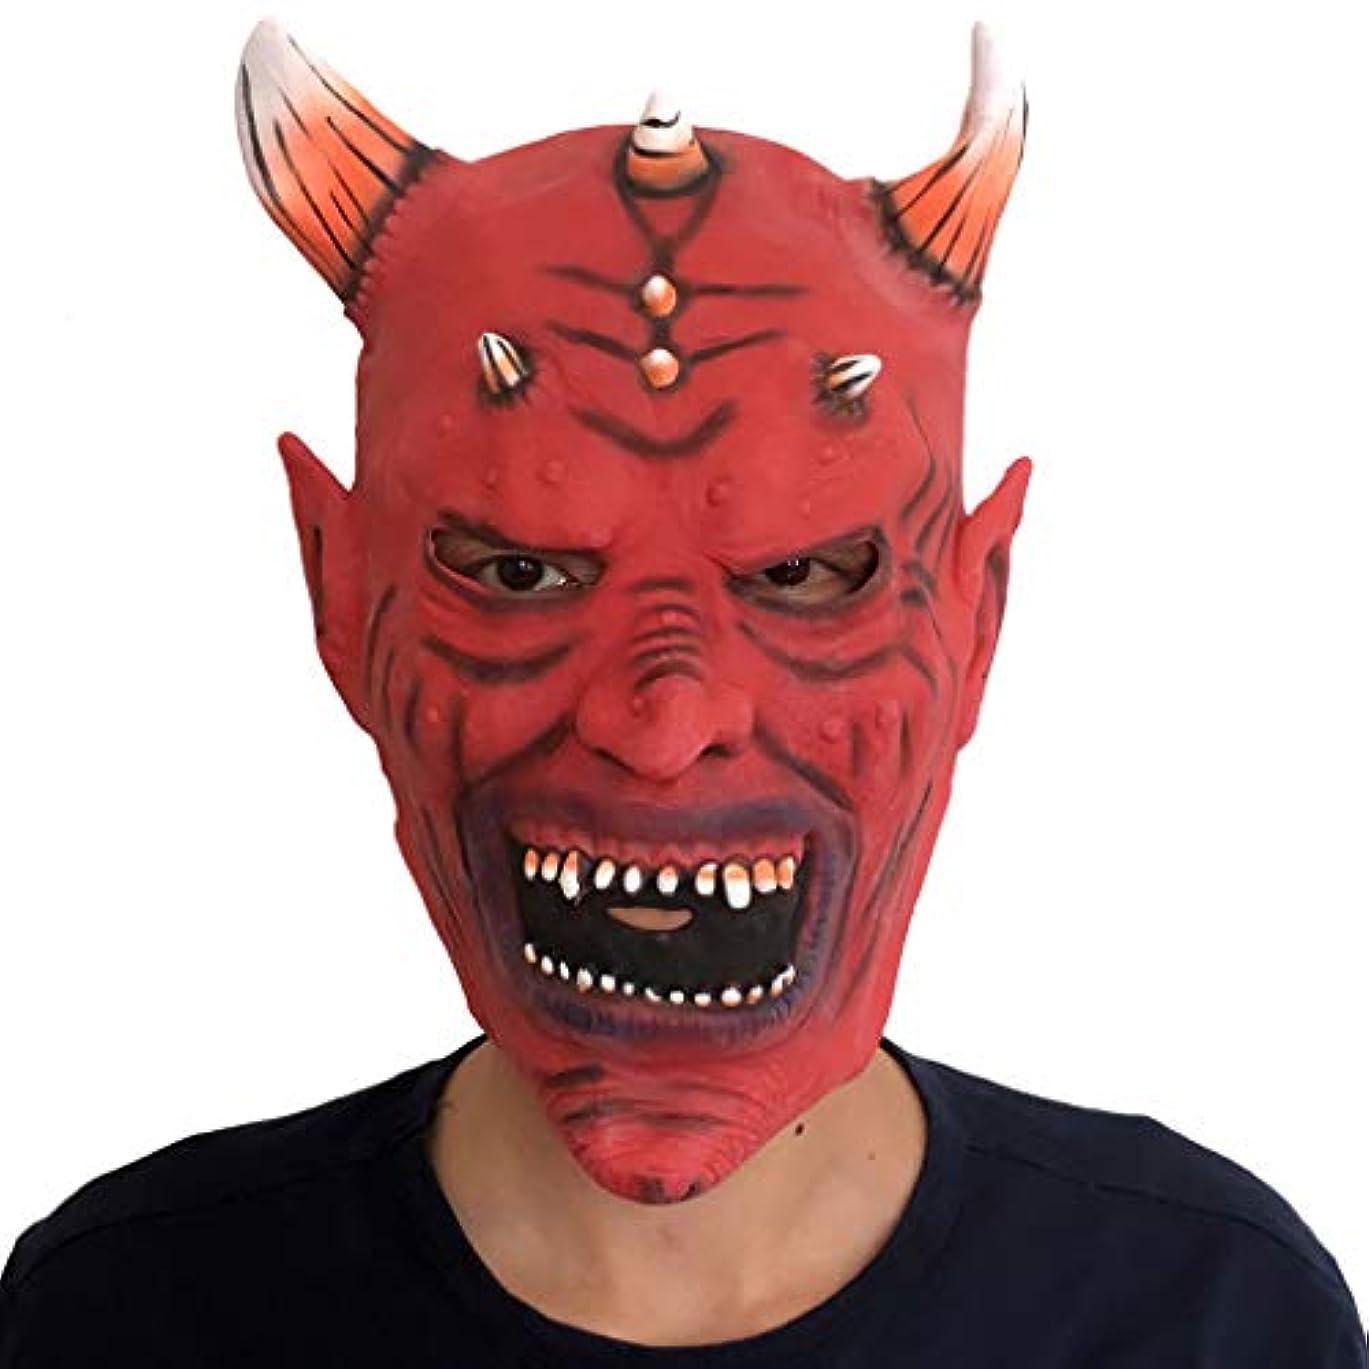 推論グラス増加するハロウィーンホラーマスク牛悪魔マスクヘッドギアトリッキー仮装ブラックロングヘア悪魔マスクかぶと (Color : C)